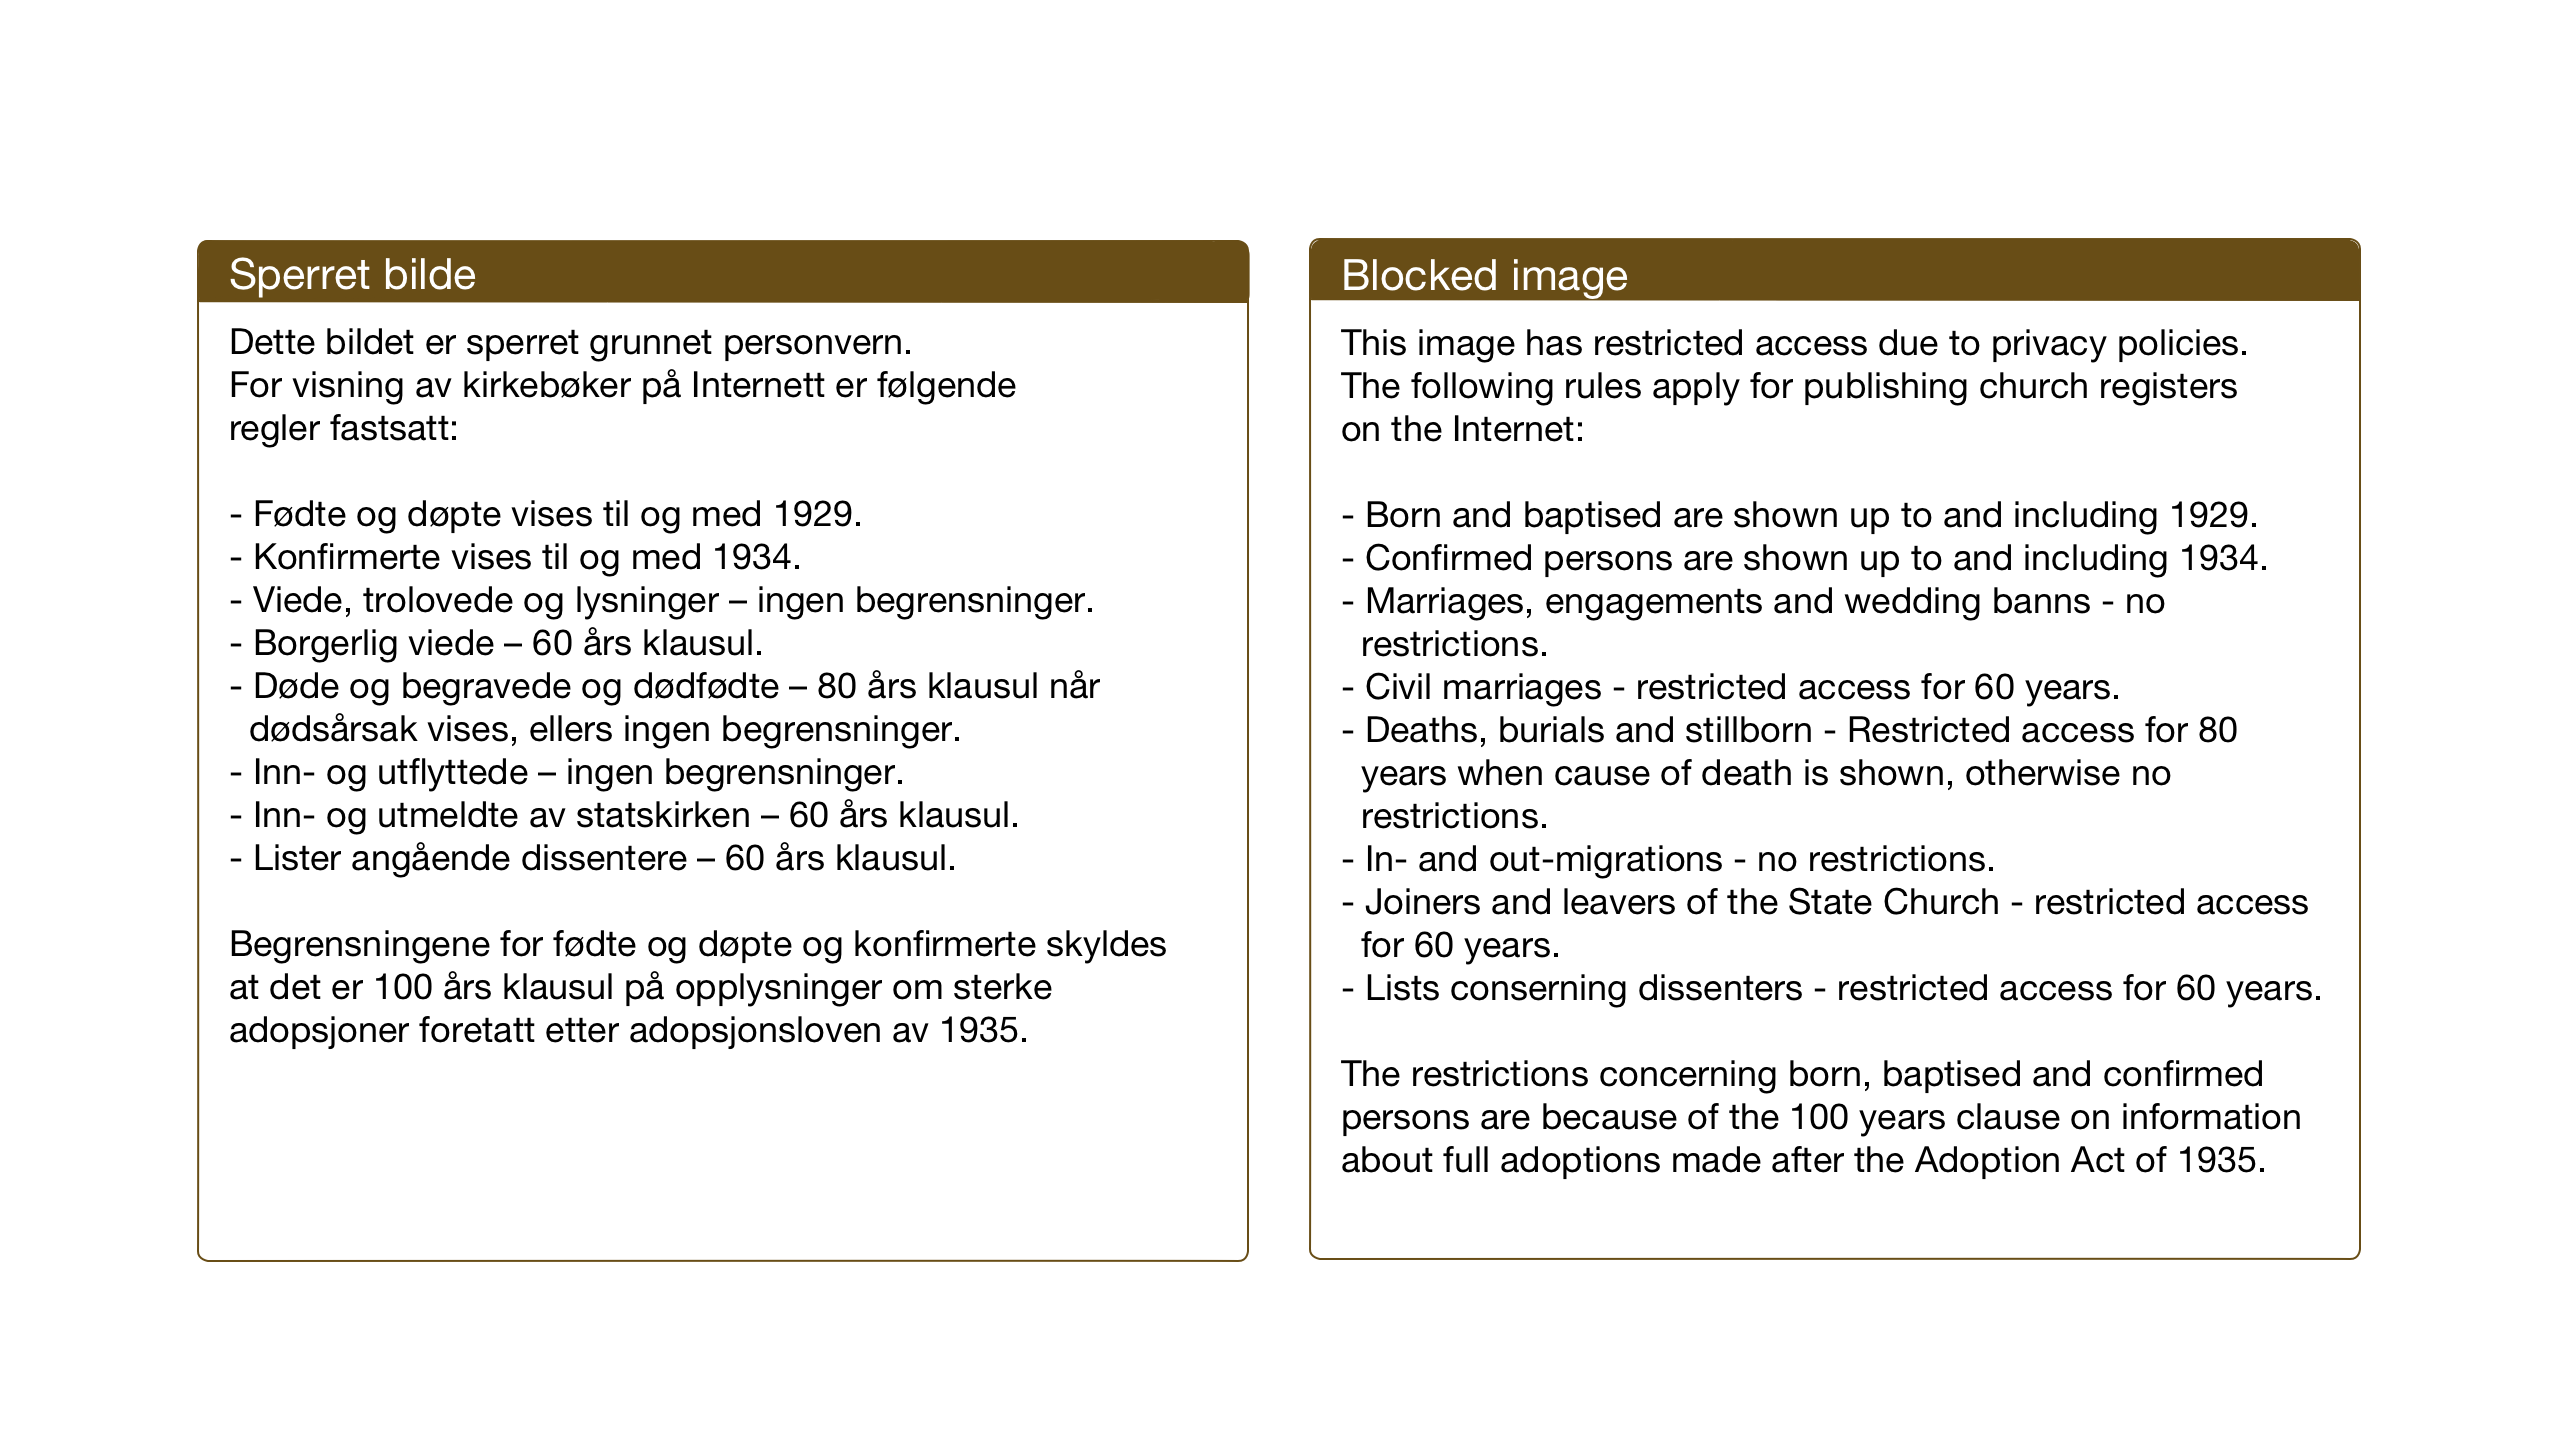 SAT, Ministerialprotokoller, klokkerbøker og fødselsregistre - Sør-Trøndelag, 611/L0356: Klokkerbok nr. 611C04, 1914-1938, s. 57